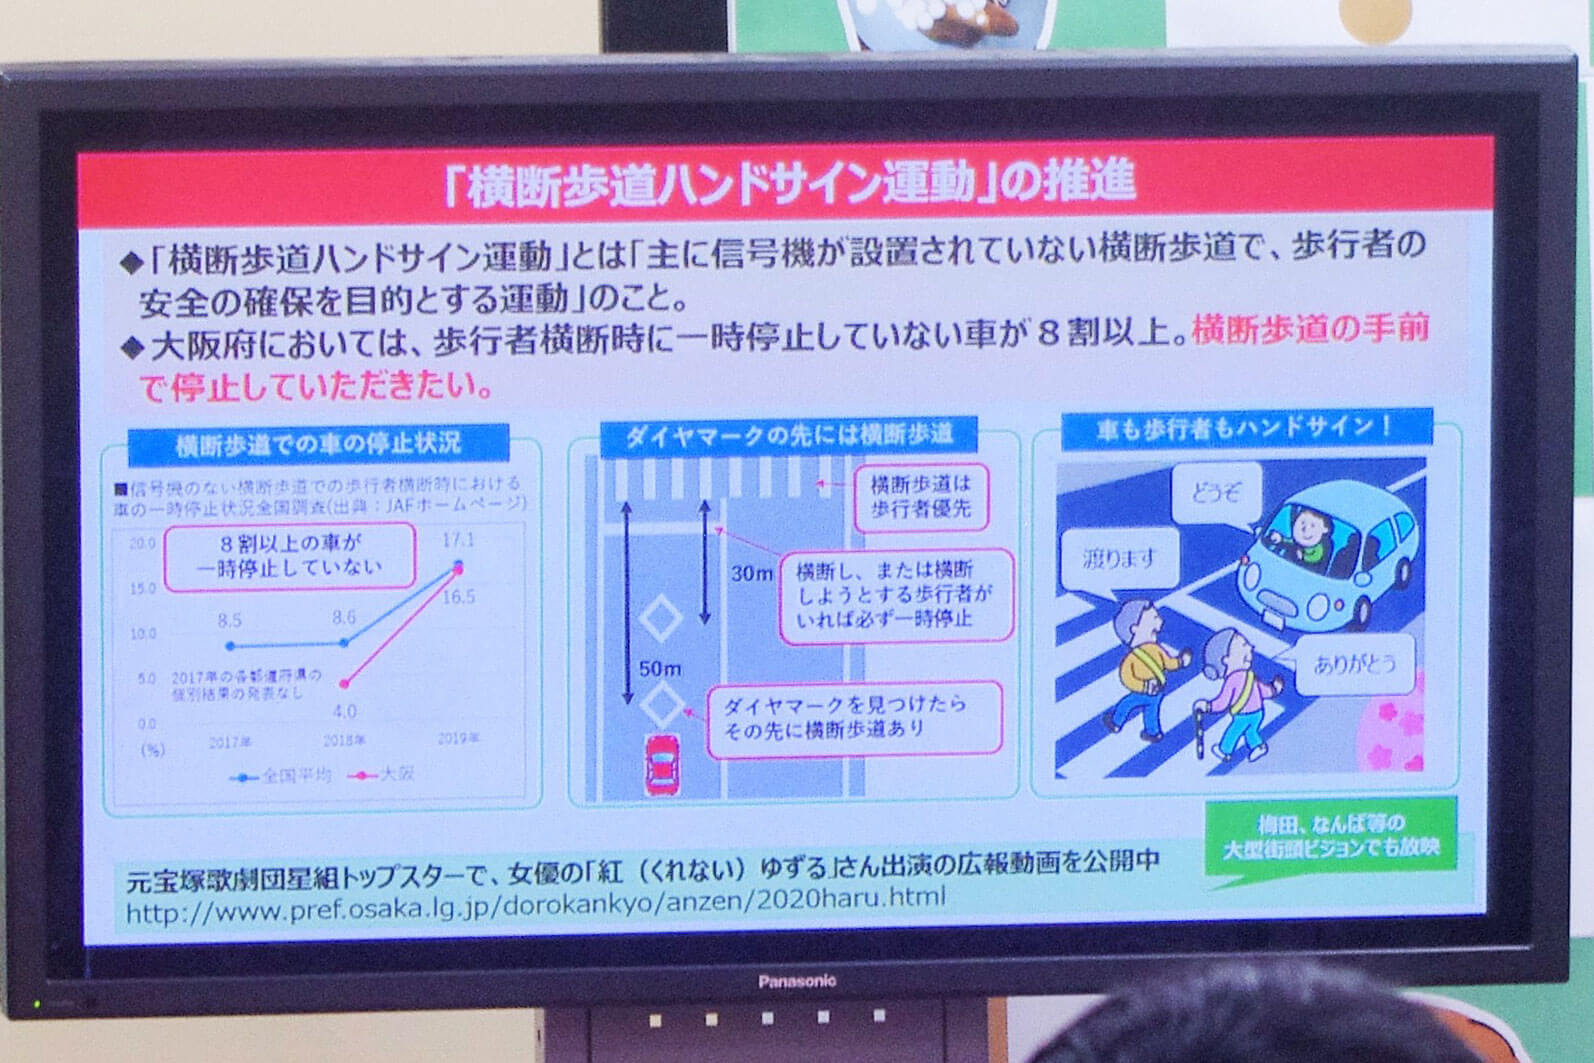 大阪府が推奨する「ハンドサイン」、府庁にも使う場所が